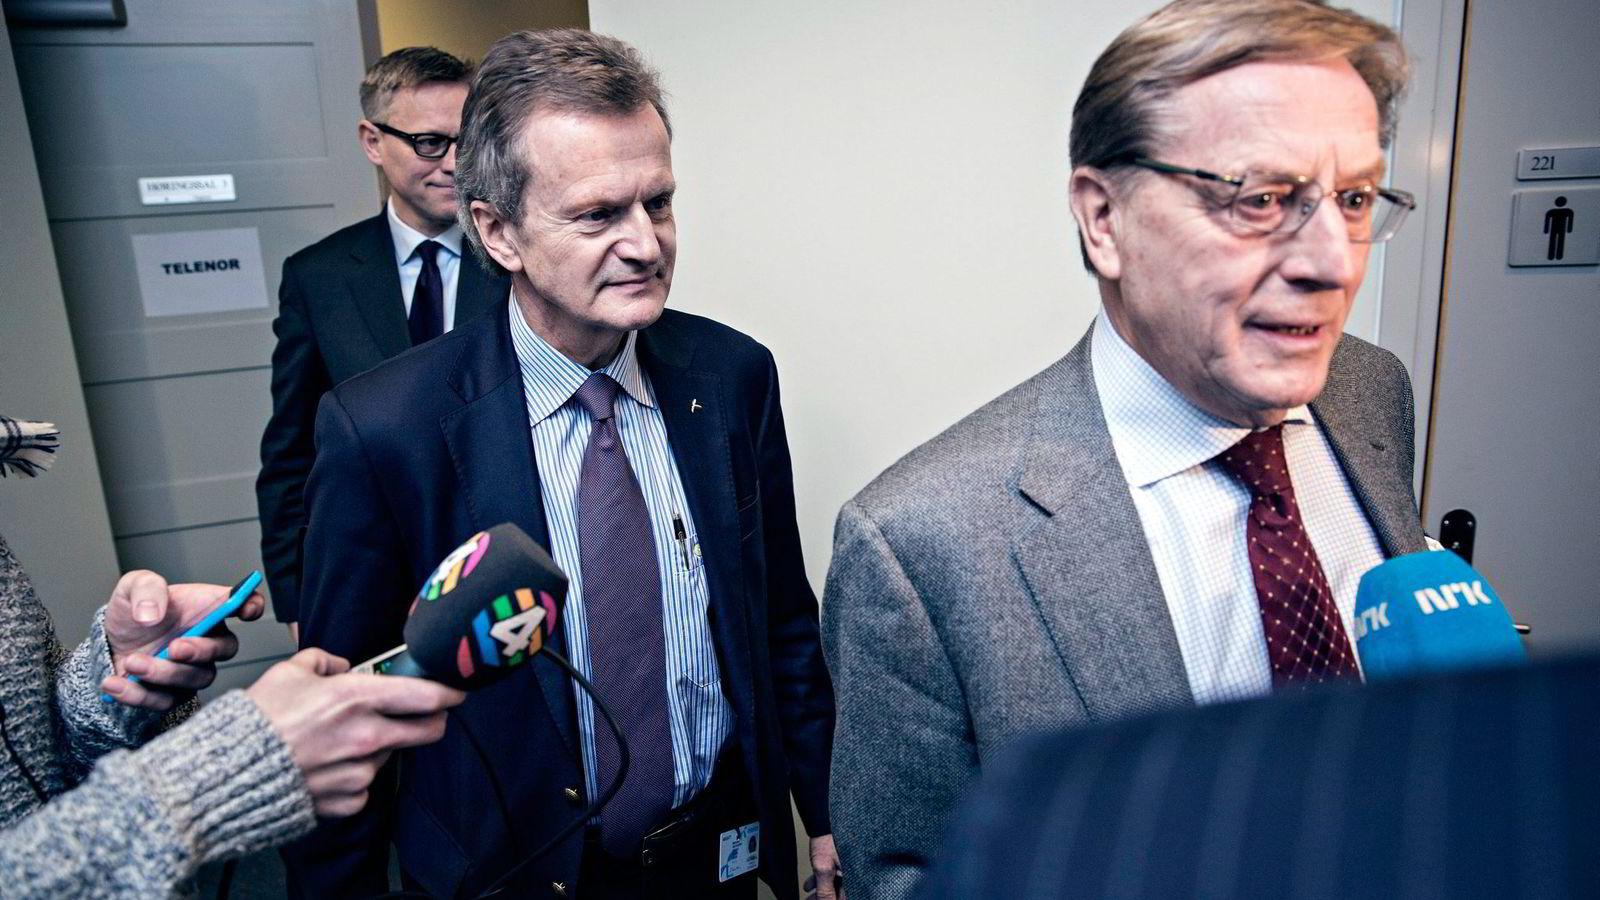 Telenors juridiske direktør Pål Wien Espen (fra venstre), daværende konsernsjef Jon Fredrik Baksaas og daværende styreleder Svein Aaser fortalte ikke Stortinget om korrupsjonsadvarslene under høringen i Stortinget i januar 2015. Foto: Aleksander Nordahl